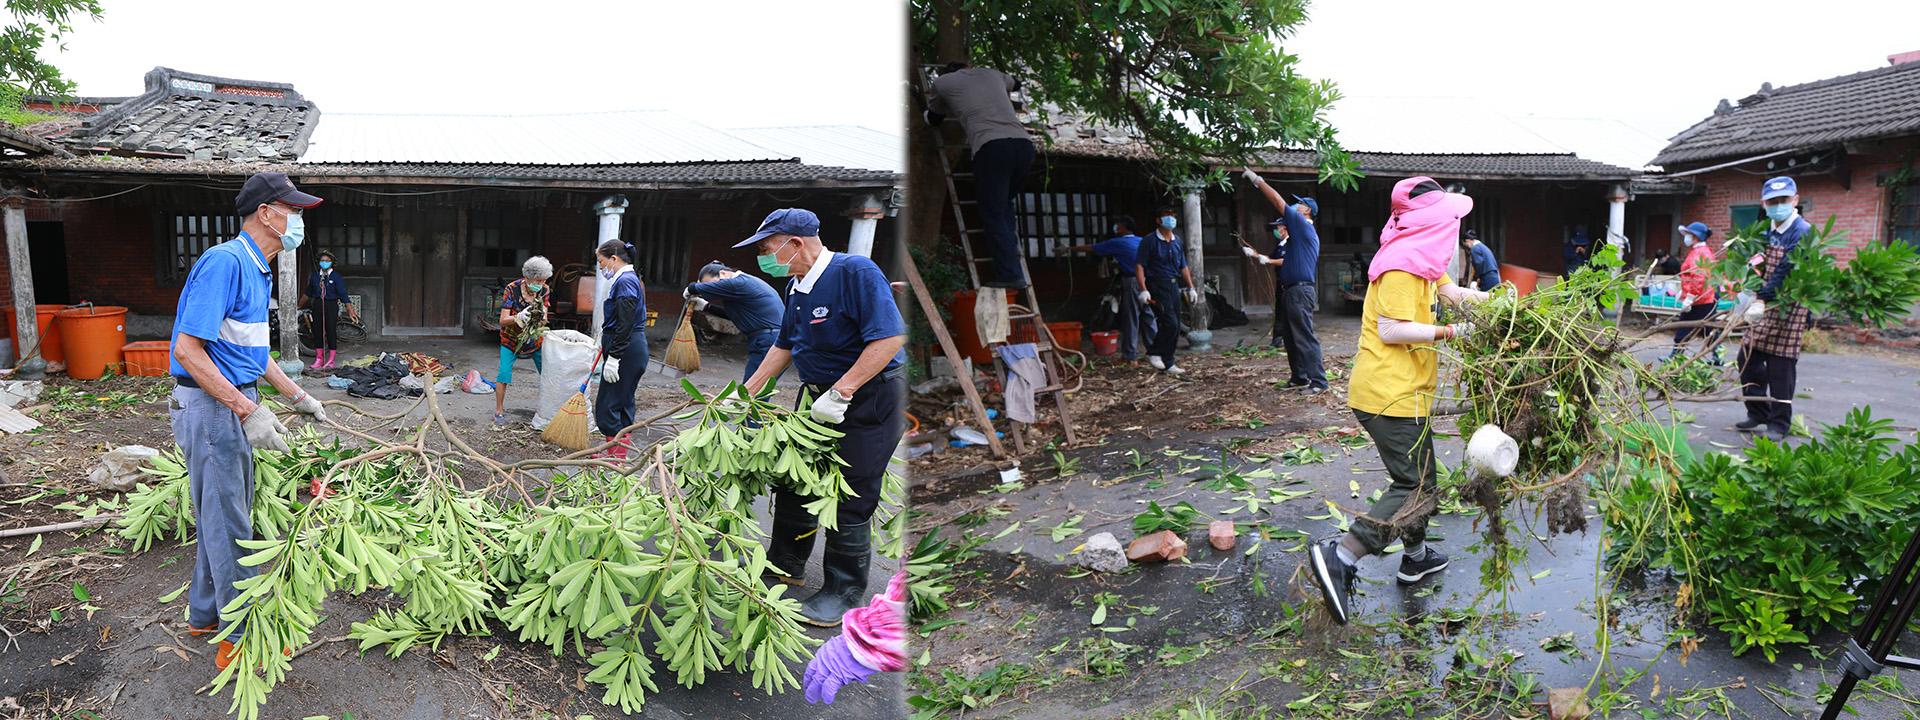 彰化慈濟志工動員人力協助案家清掃,從裡到外清理。